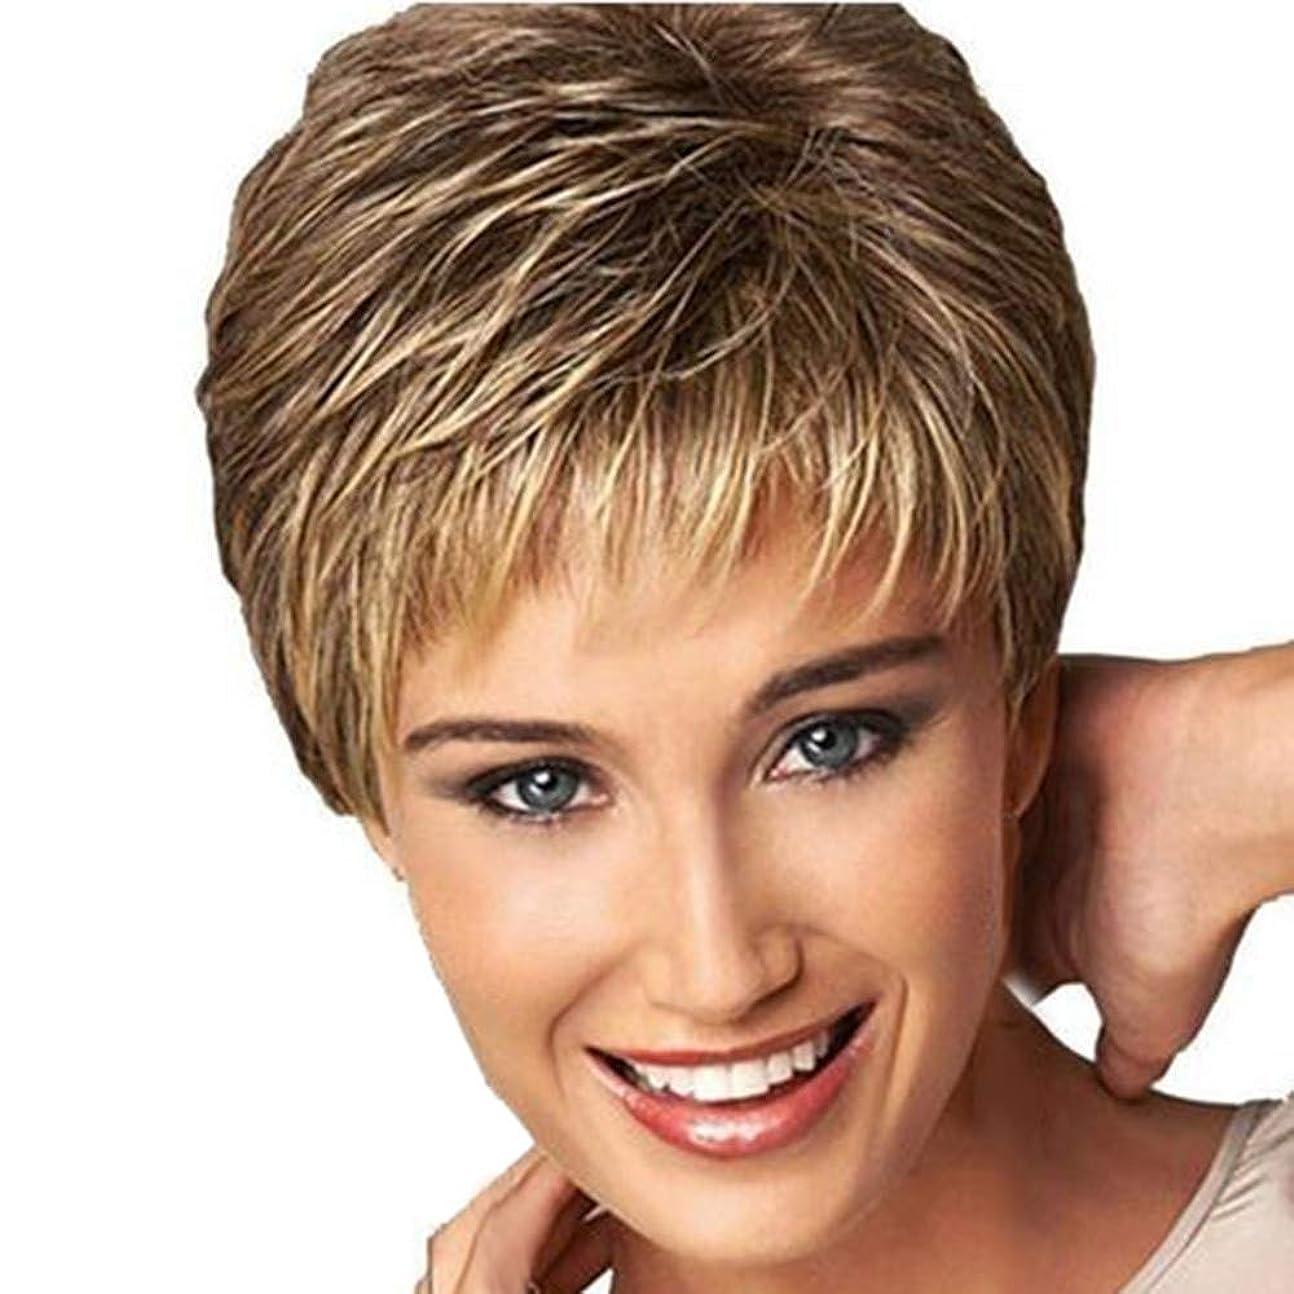 暴力的な日焼け暴力的なWTYD 美容ヘアツール 3ピースヘアケアかつらスタンド耐熱繊維かつら短い散髪カーリーカラーグラデーションかつらファッション